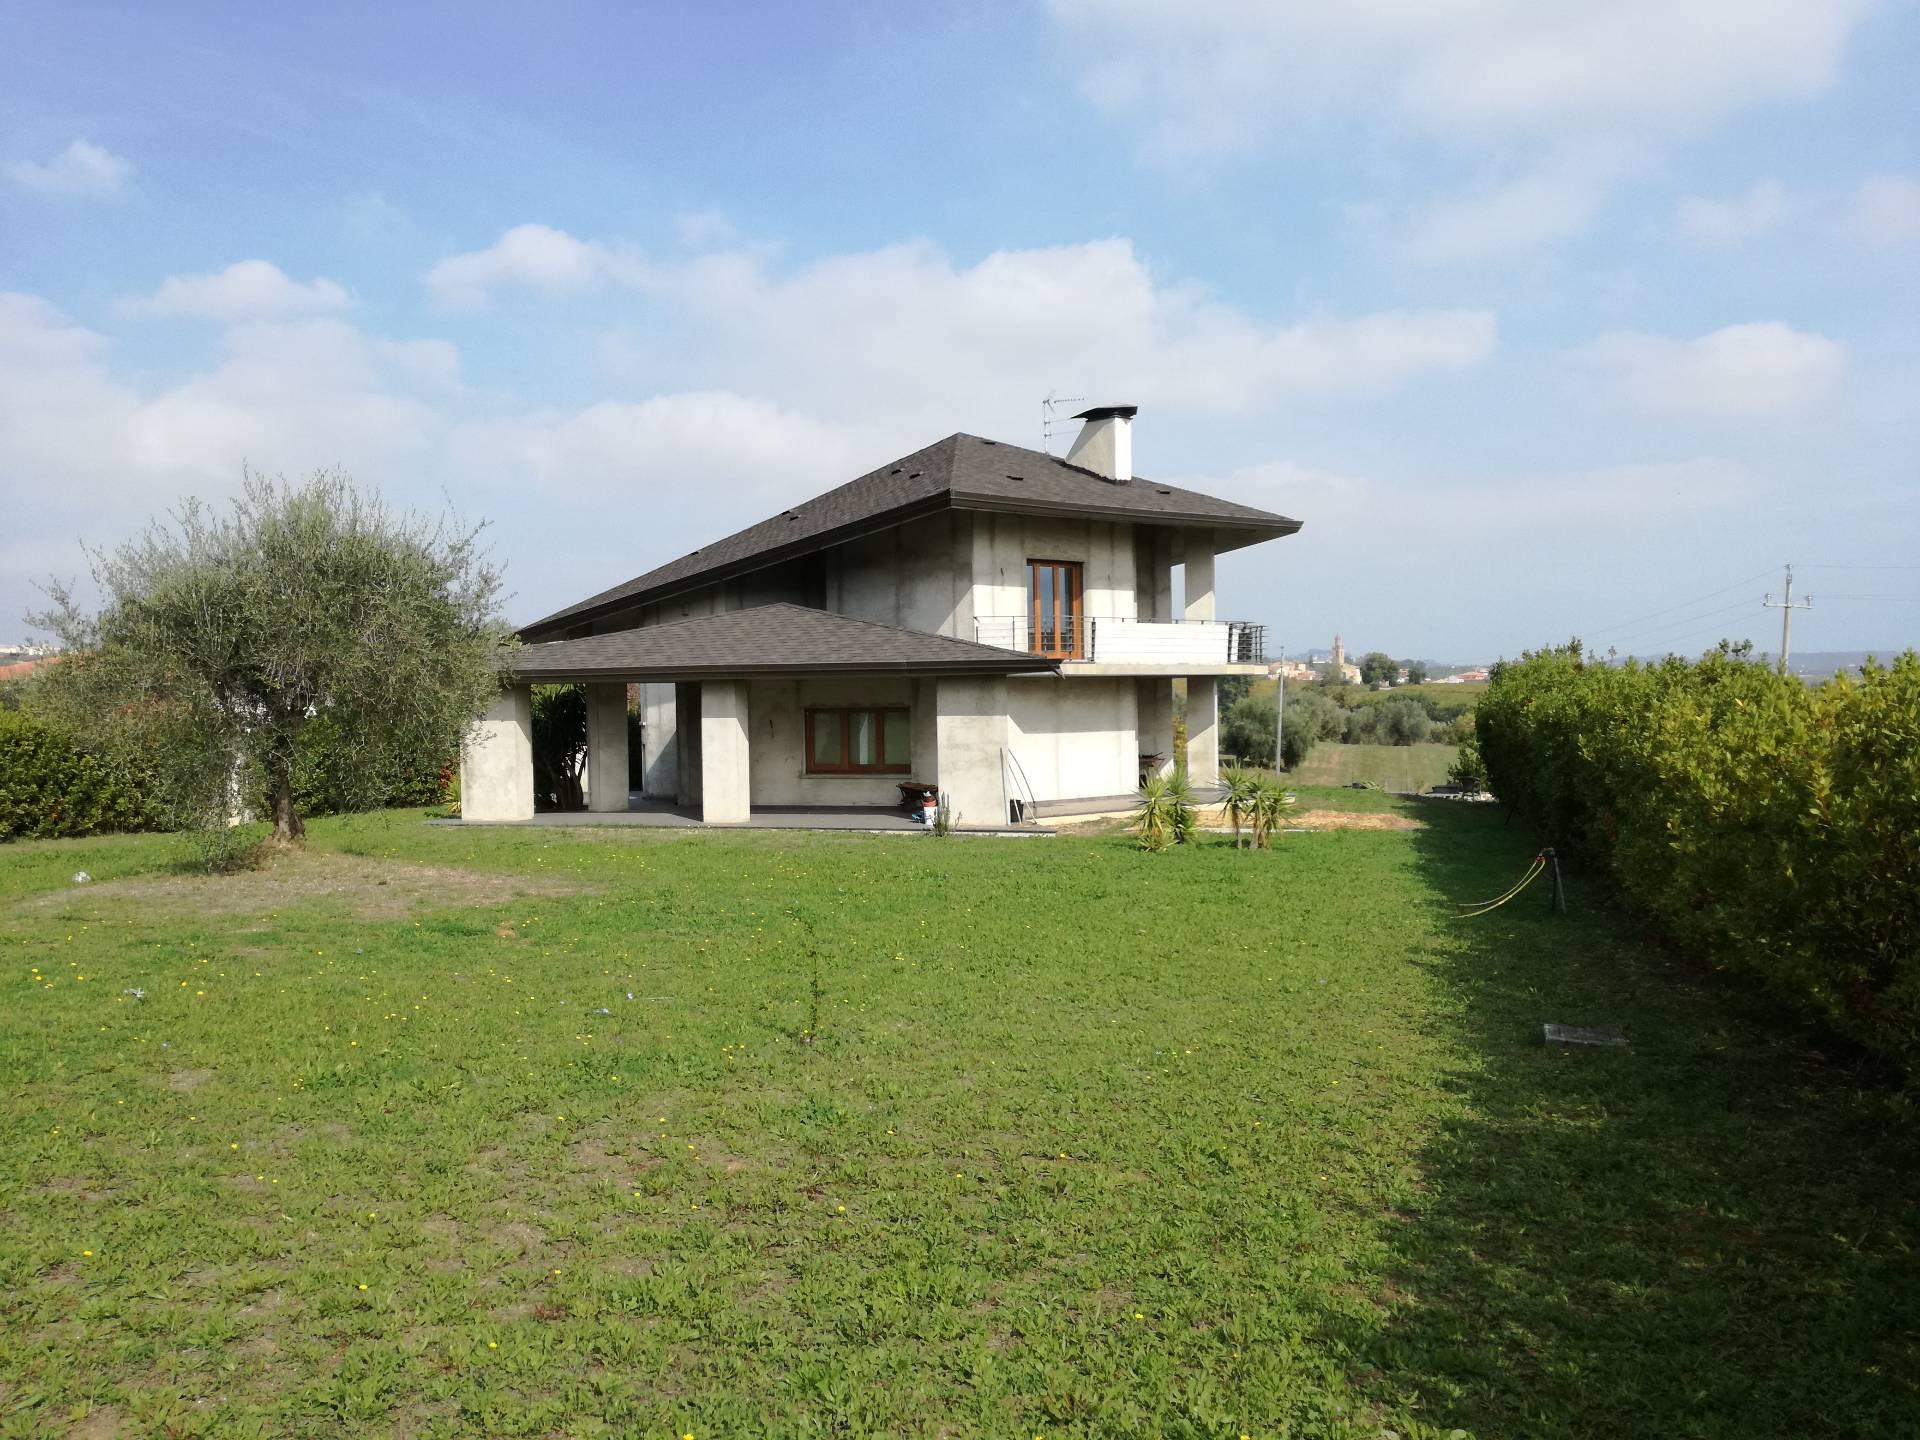 Soluzione Indipendente in vendita a Corropoli, 10 locali, Trattative riservate | CambioCasa.it